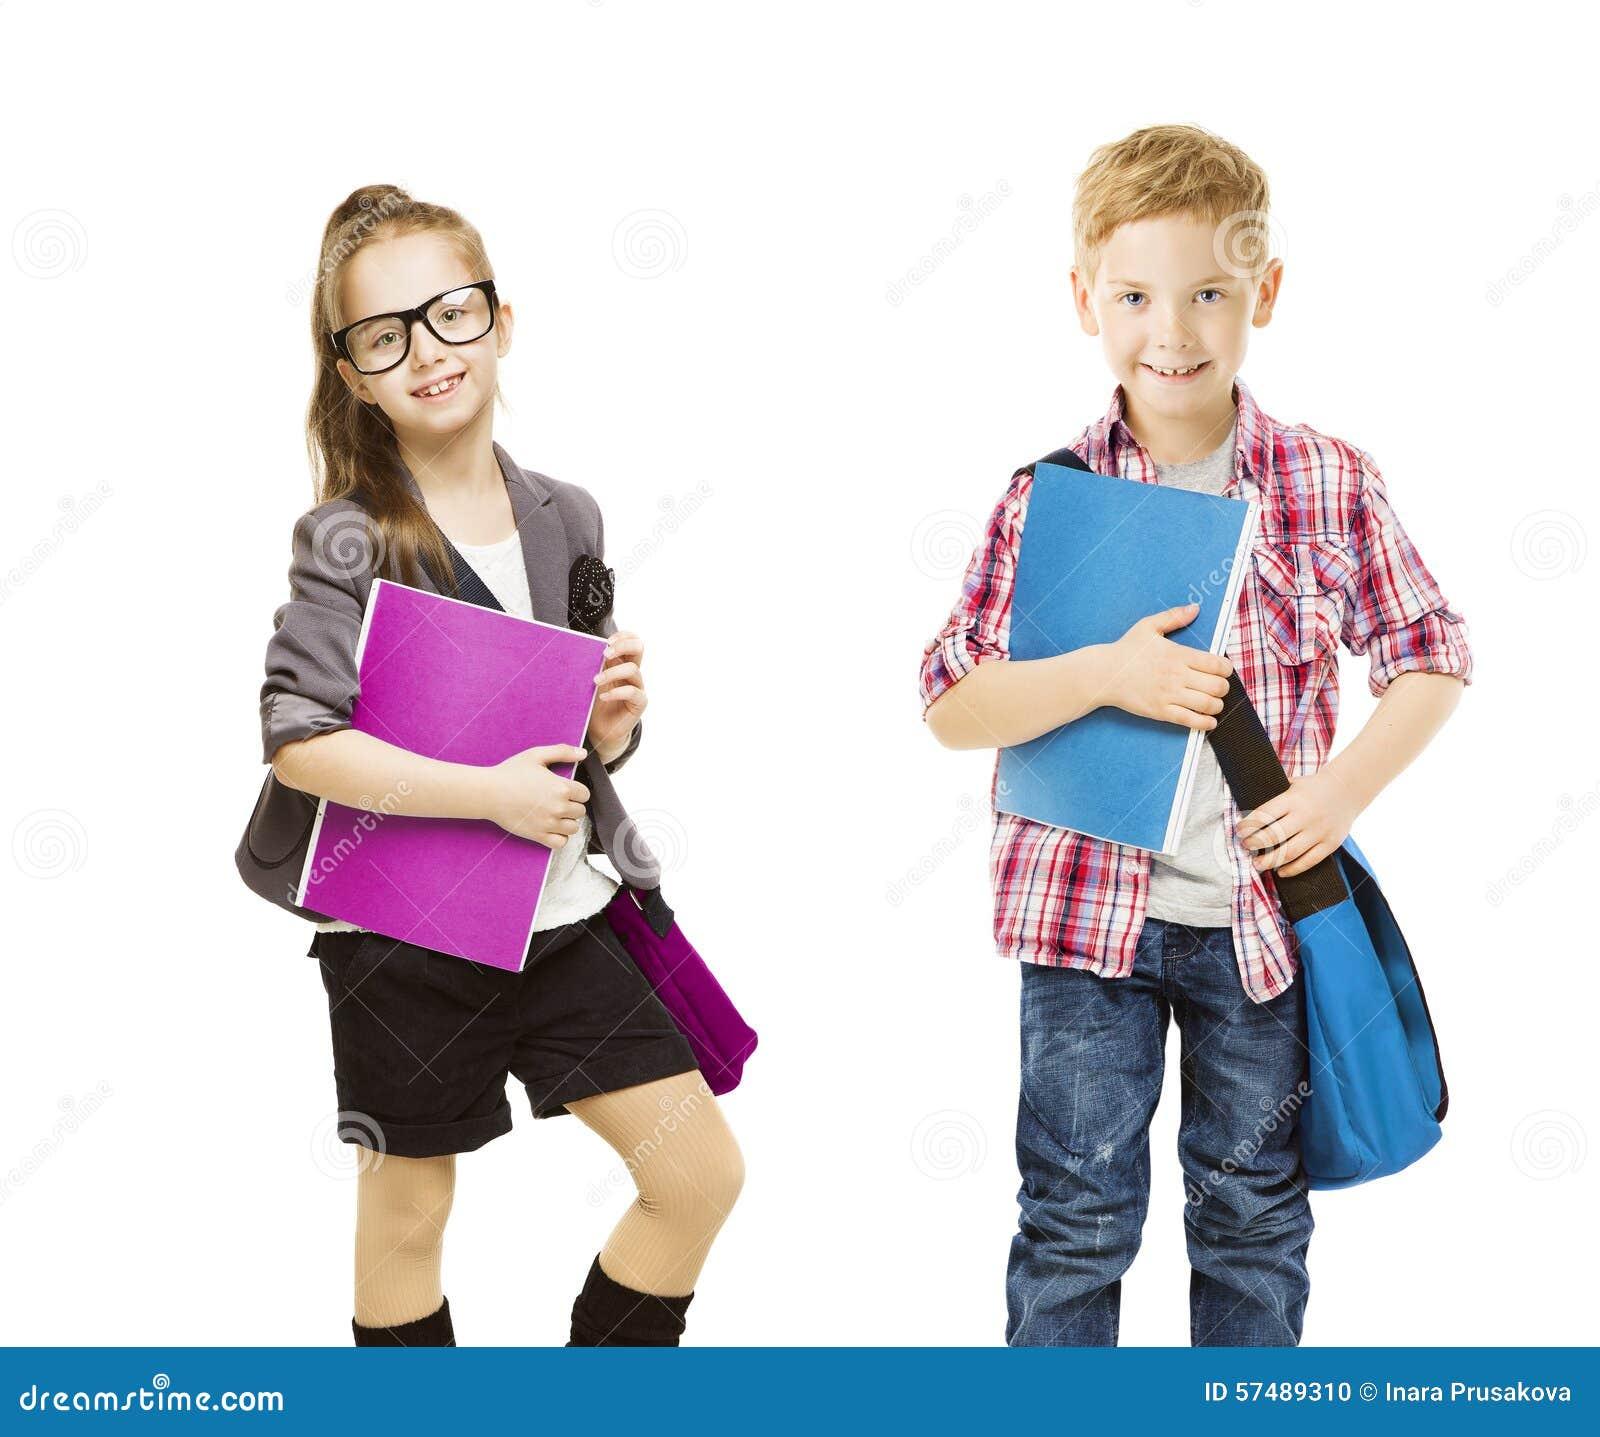 Garil und Chota Junge Shcool